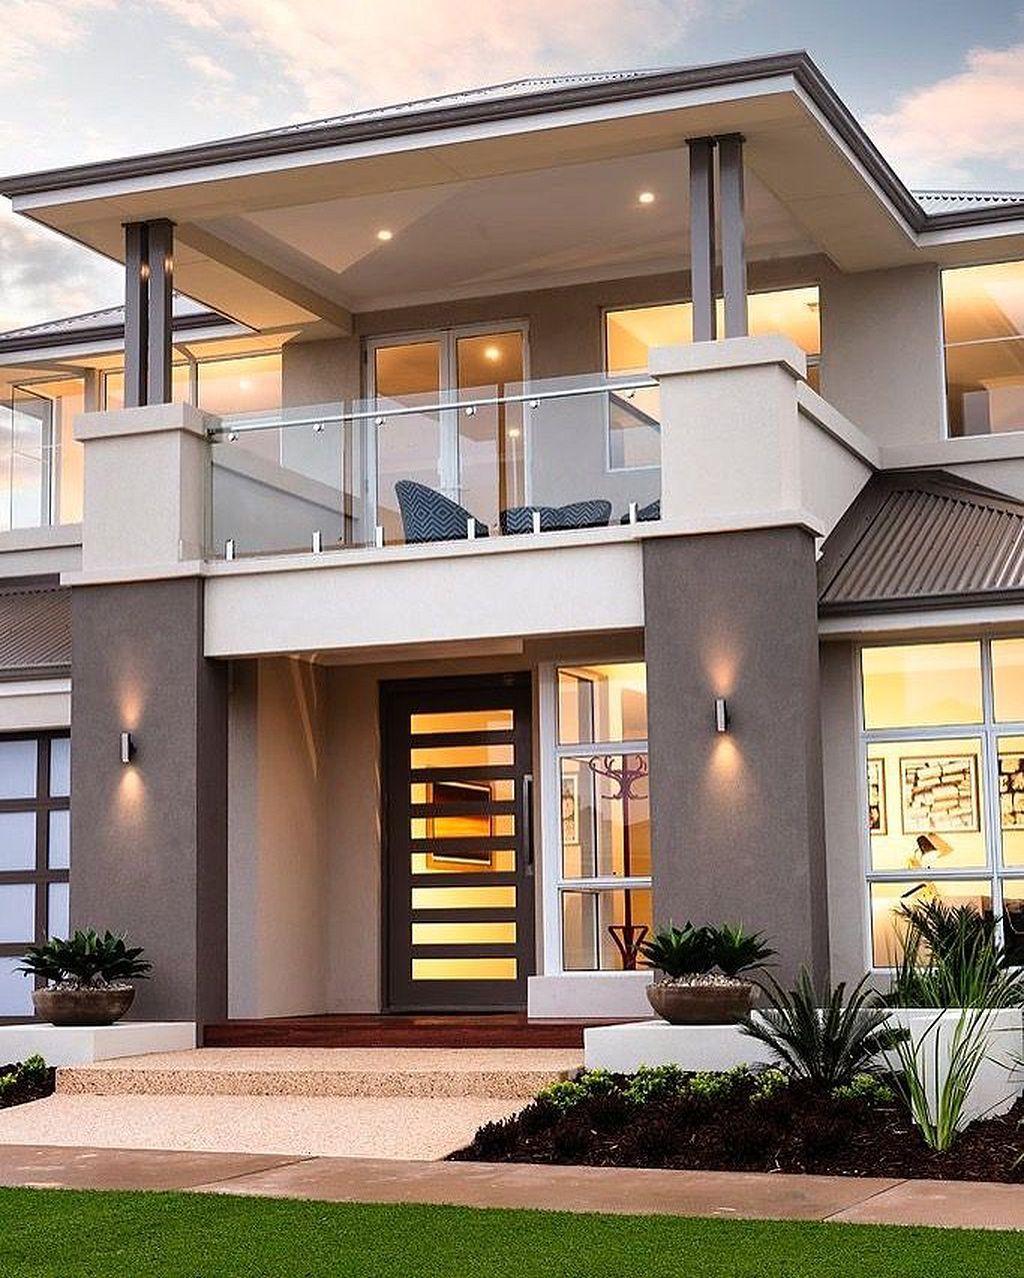 47 Modern Home Interior Design Ideas Facade House Minimalist House Design House Designs Exterior